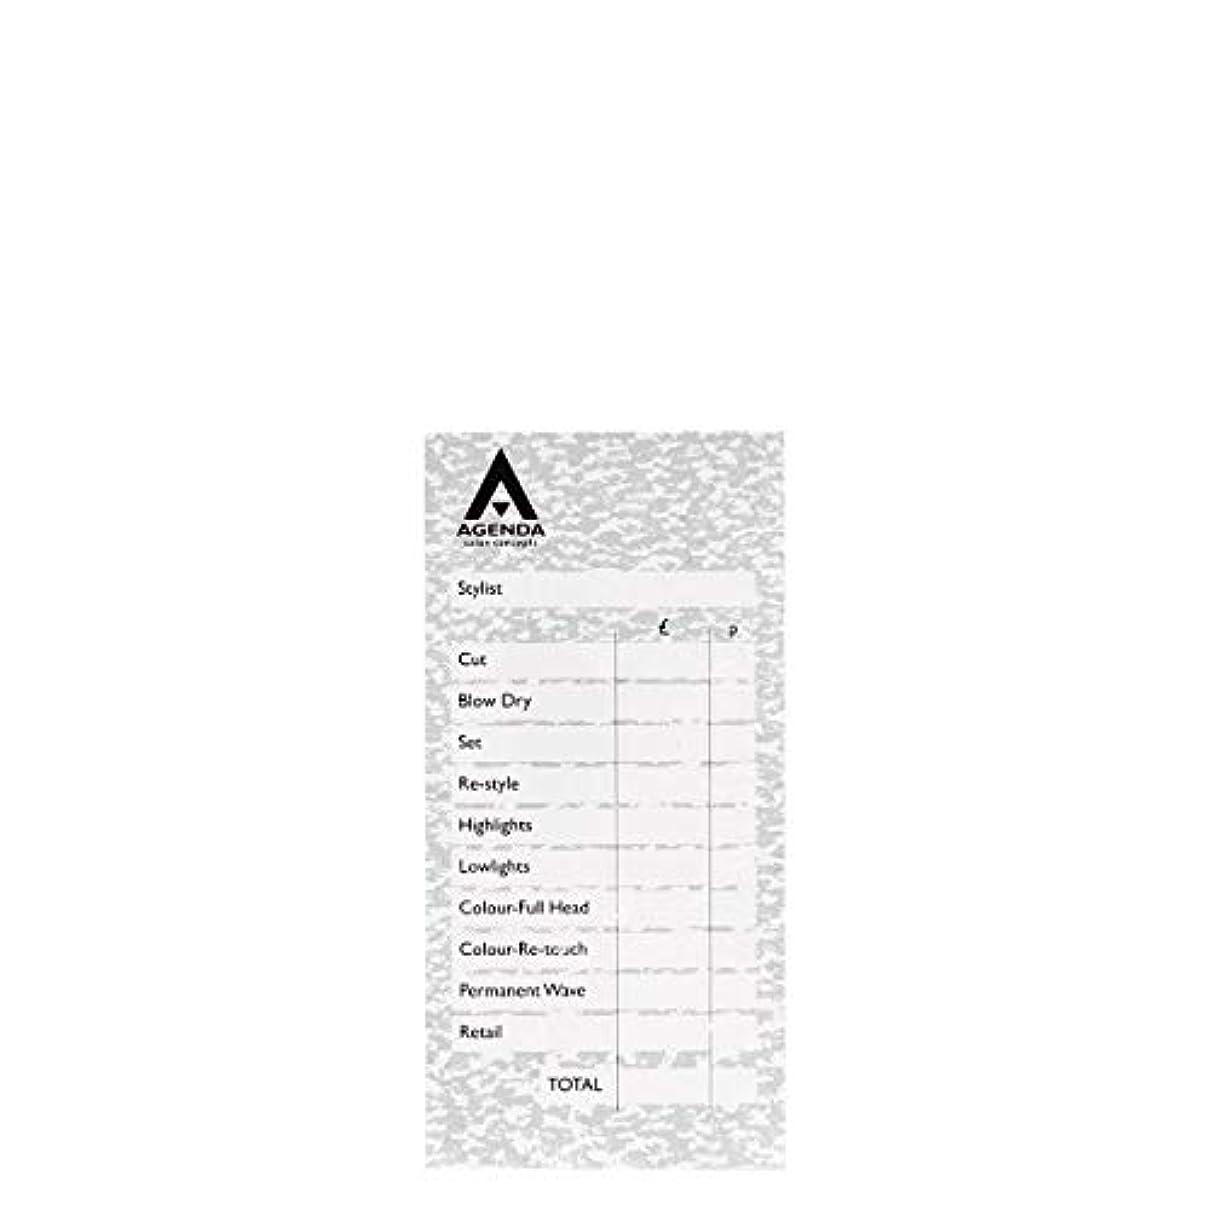 たらいプラットフォーム寛容アジェンダ サロンコンセプト チェックパッドグレー6x100リーフ[海外直送品] [並行輸入品]